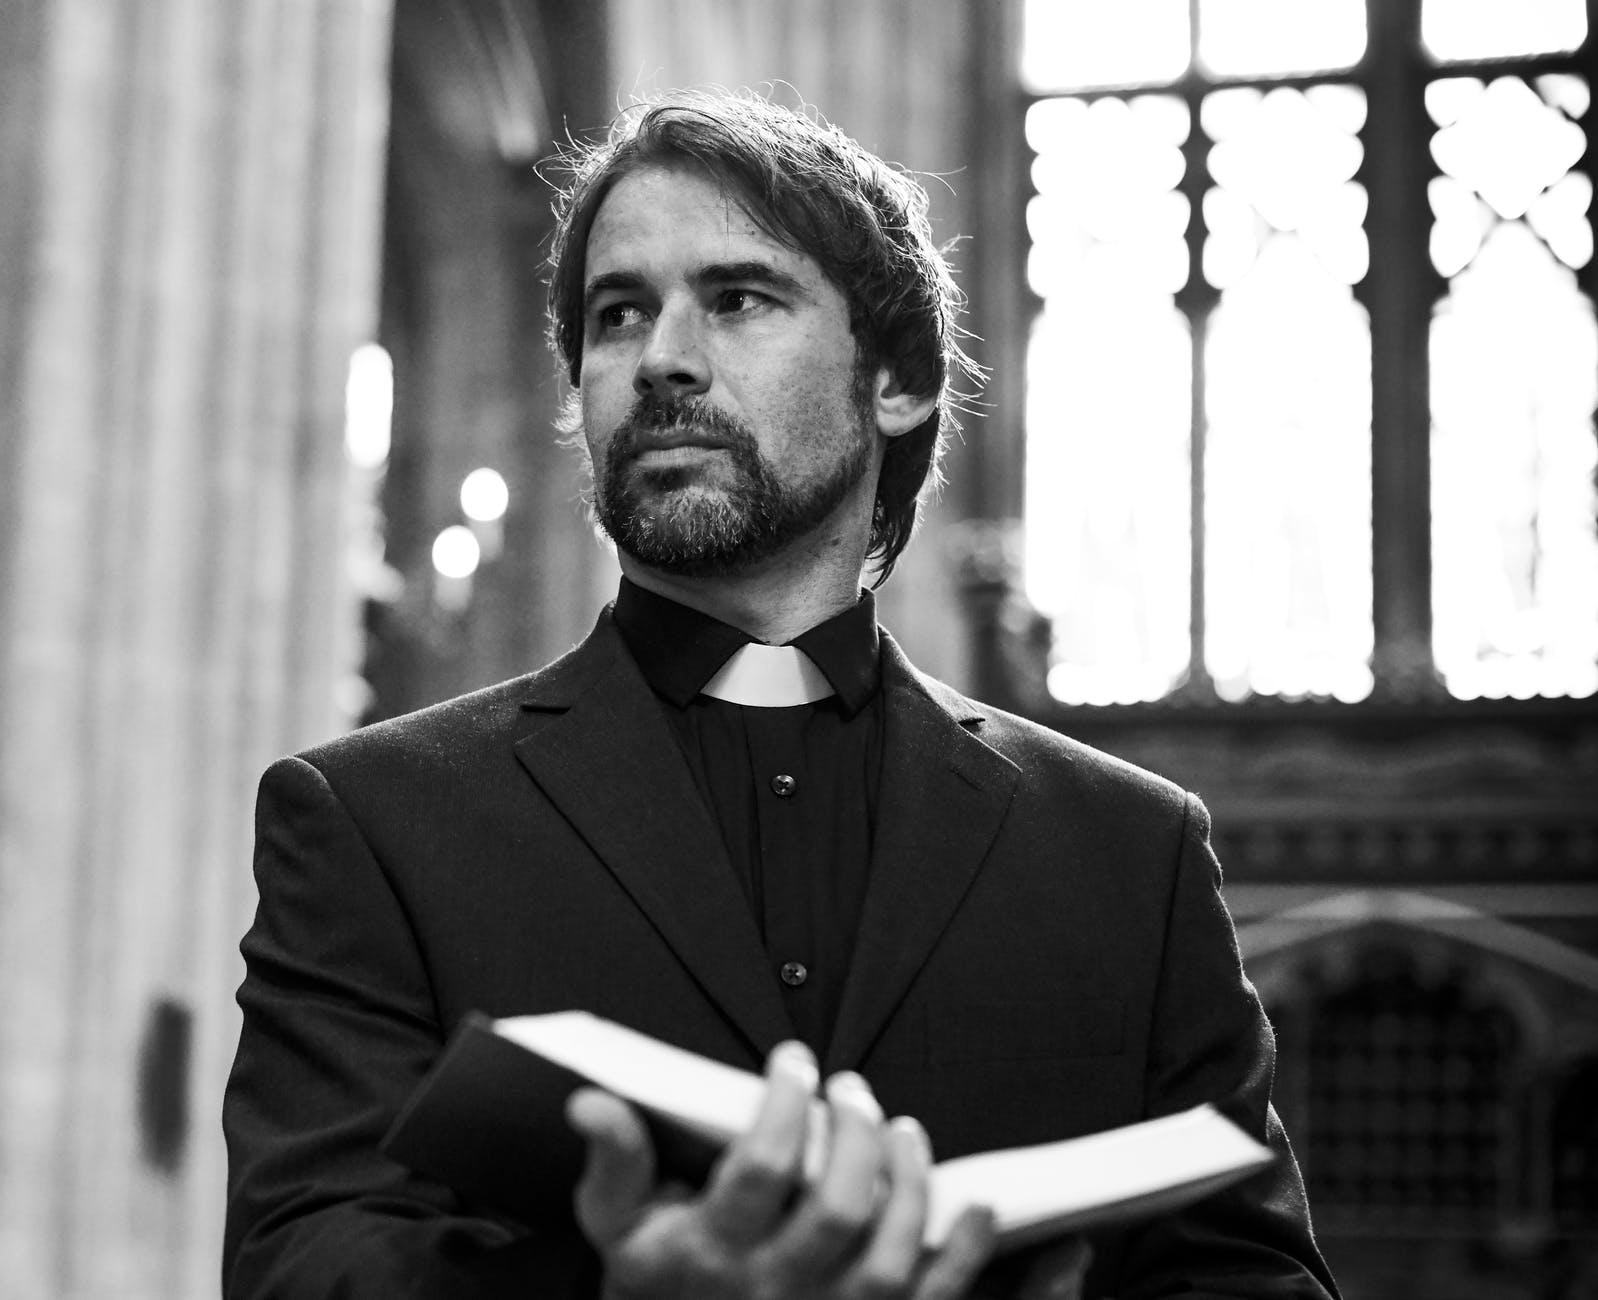 priest-open-bible